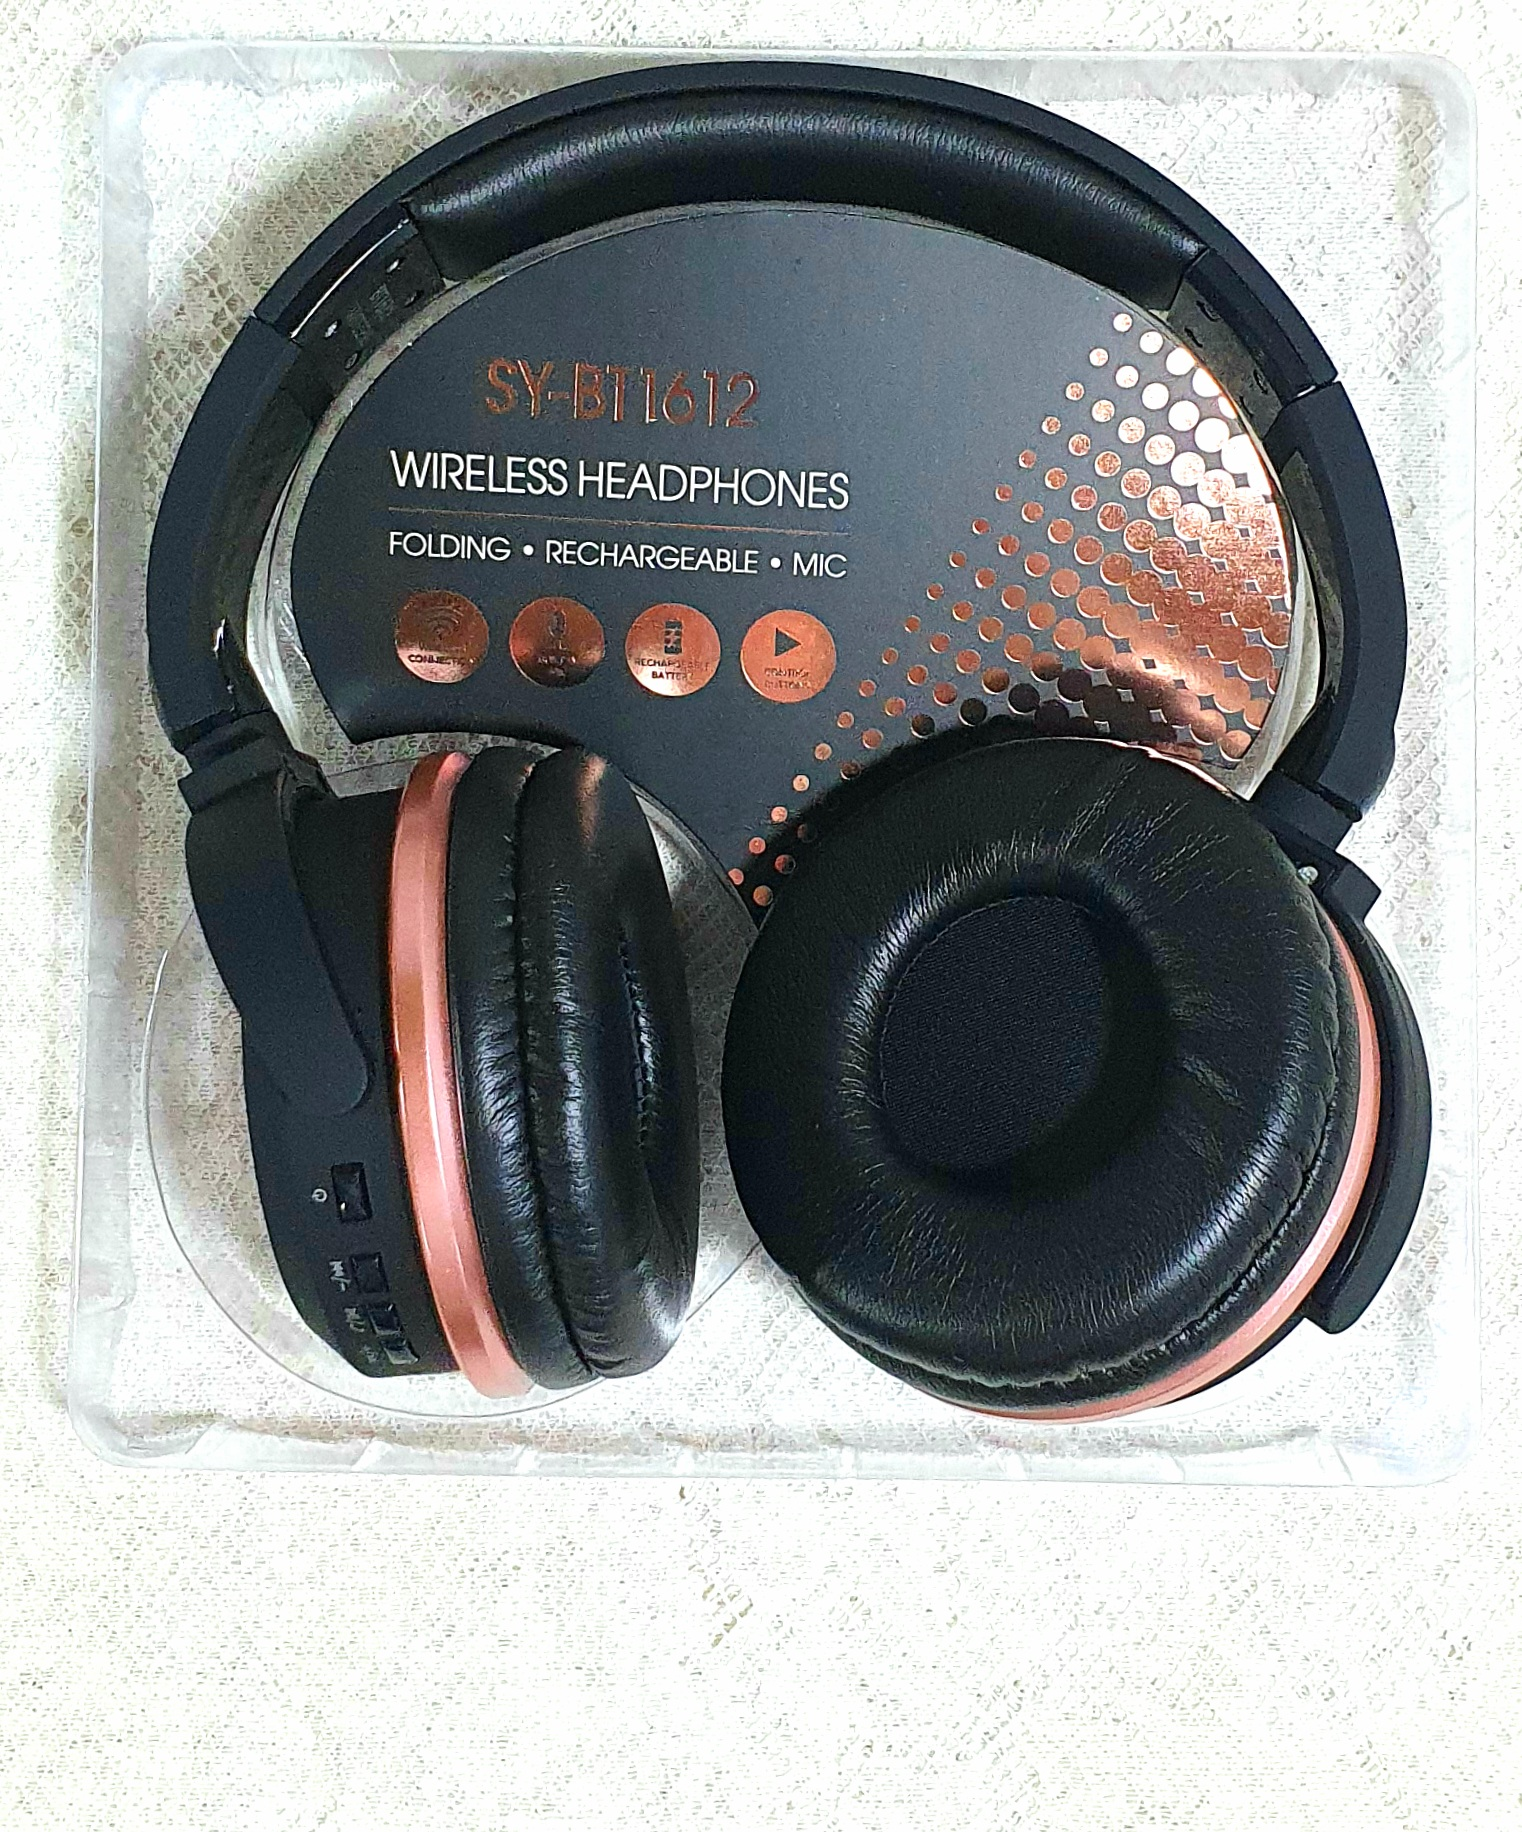 auriculares sy-bt1612